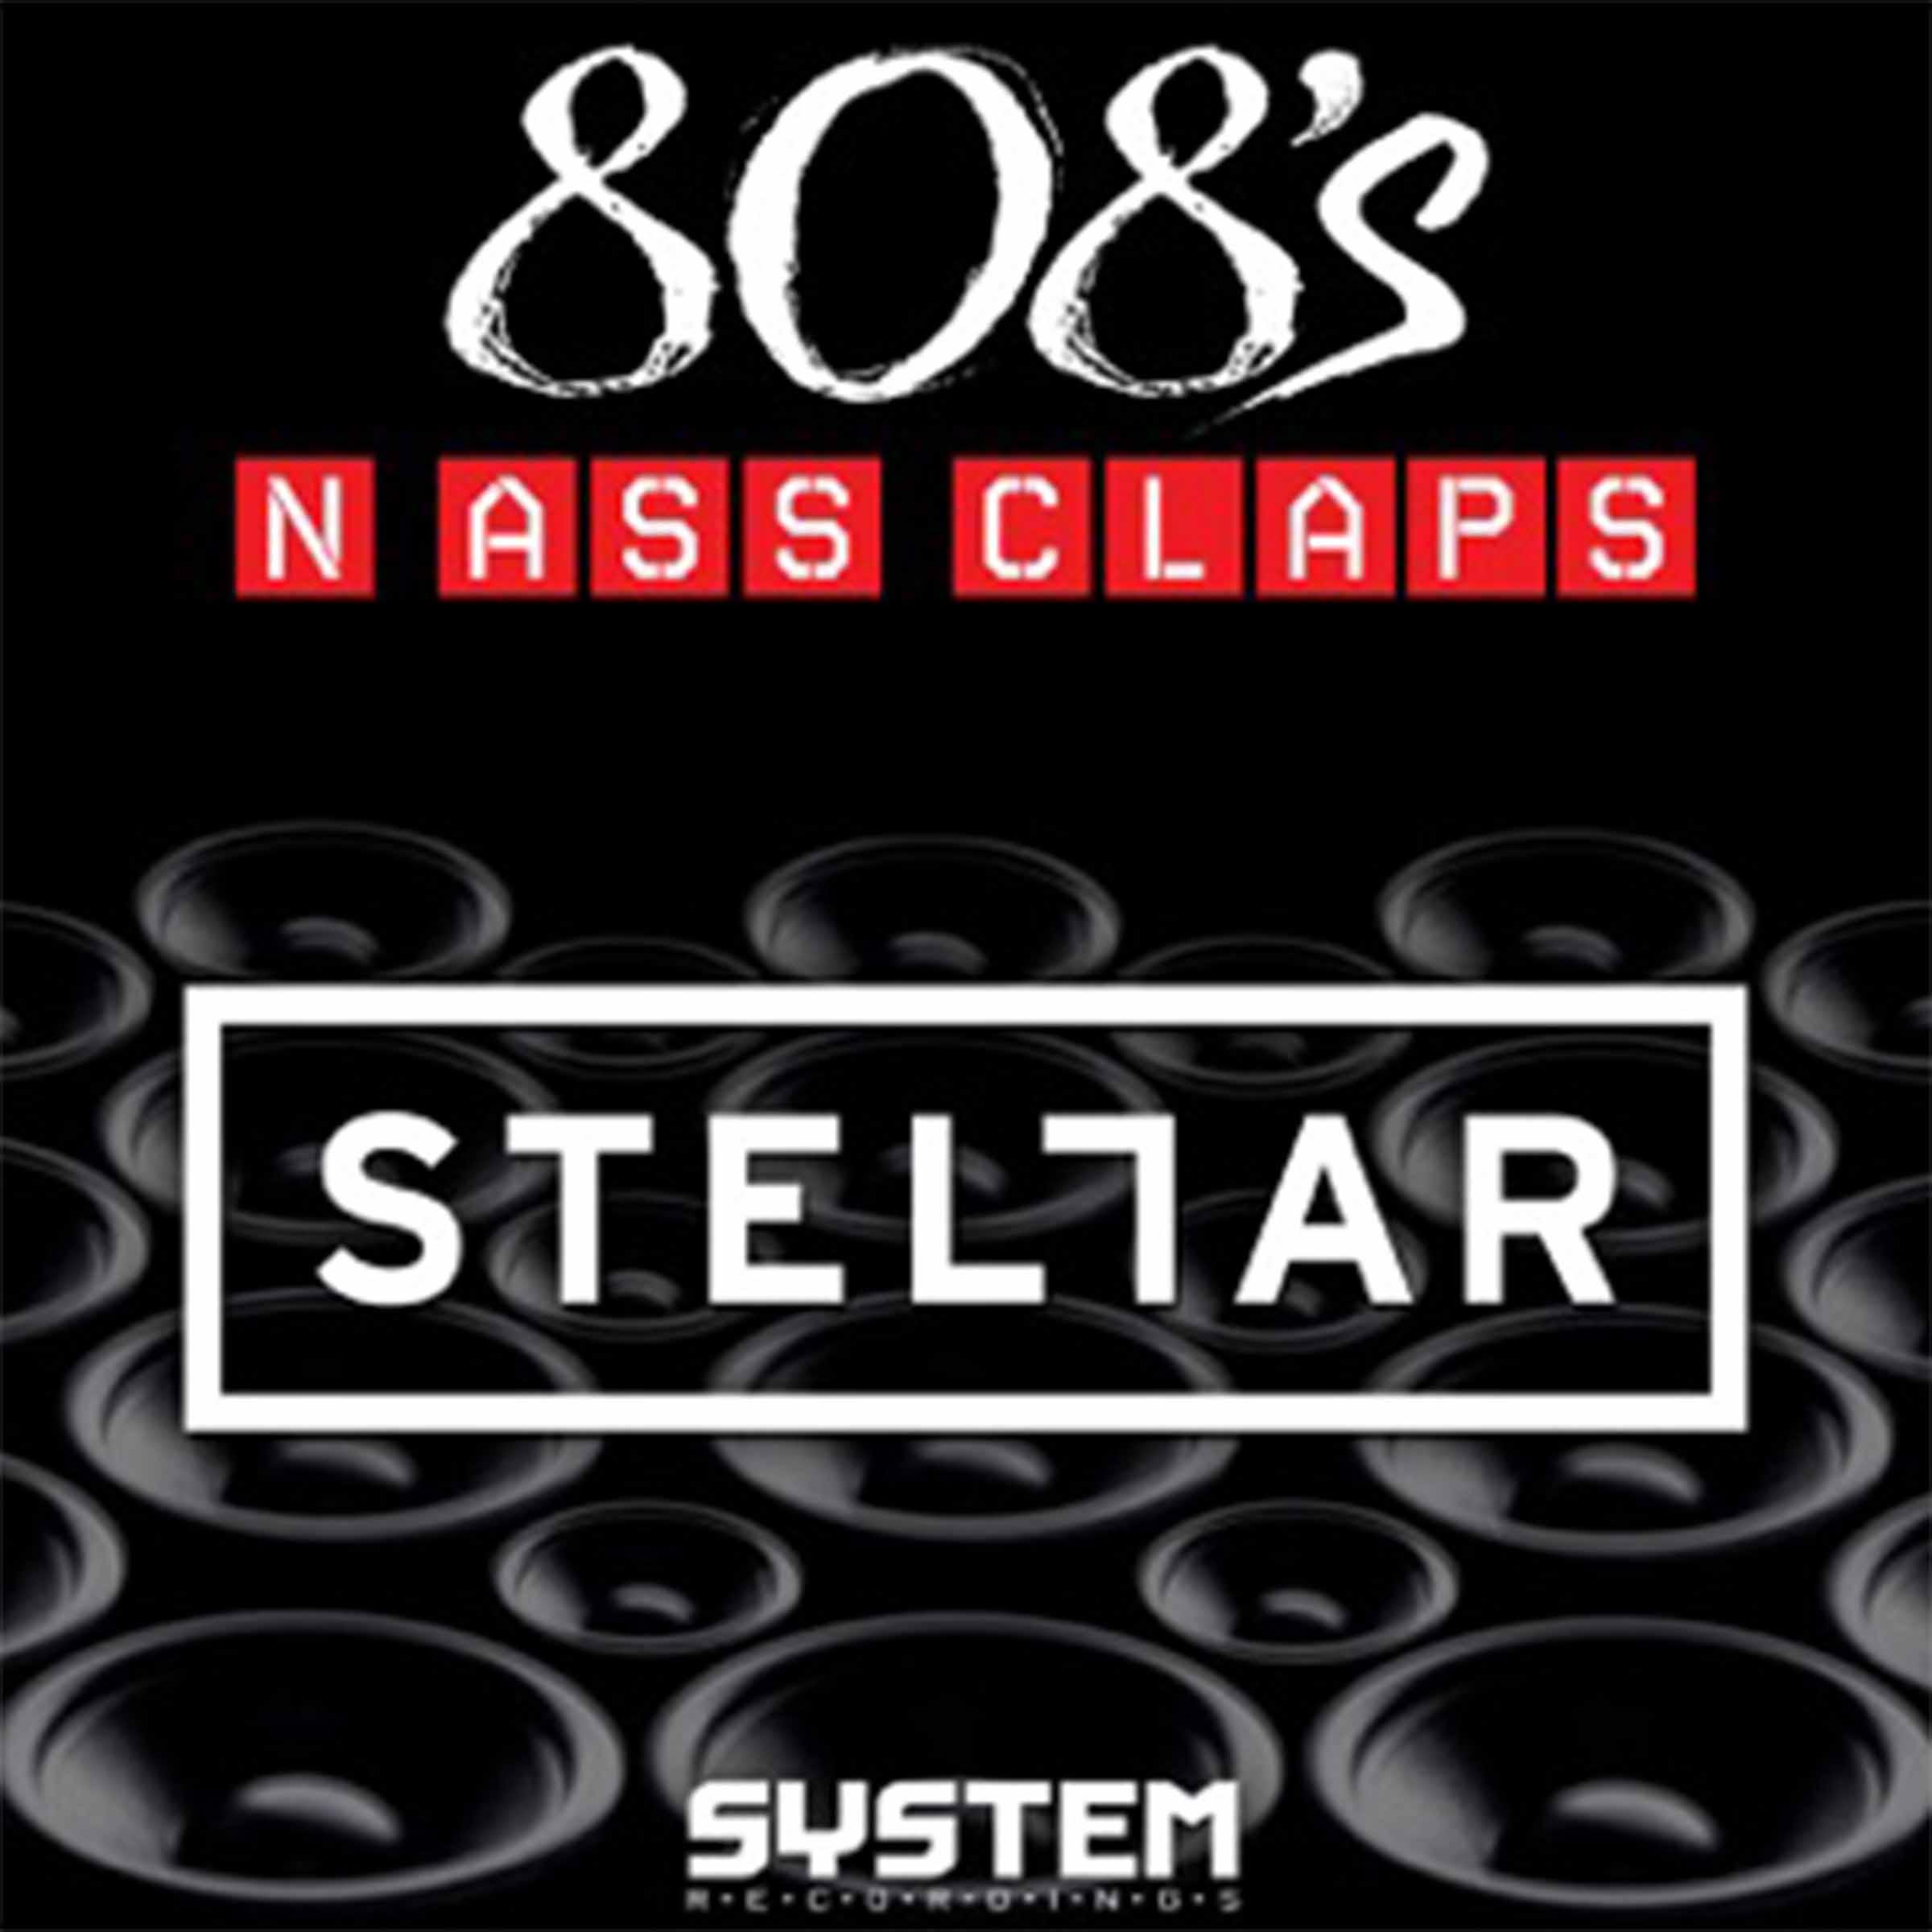 Stellar '808's N Ass Claps'